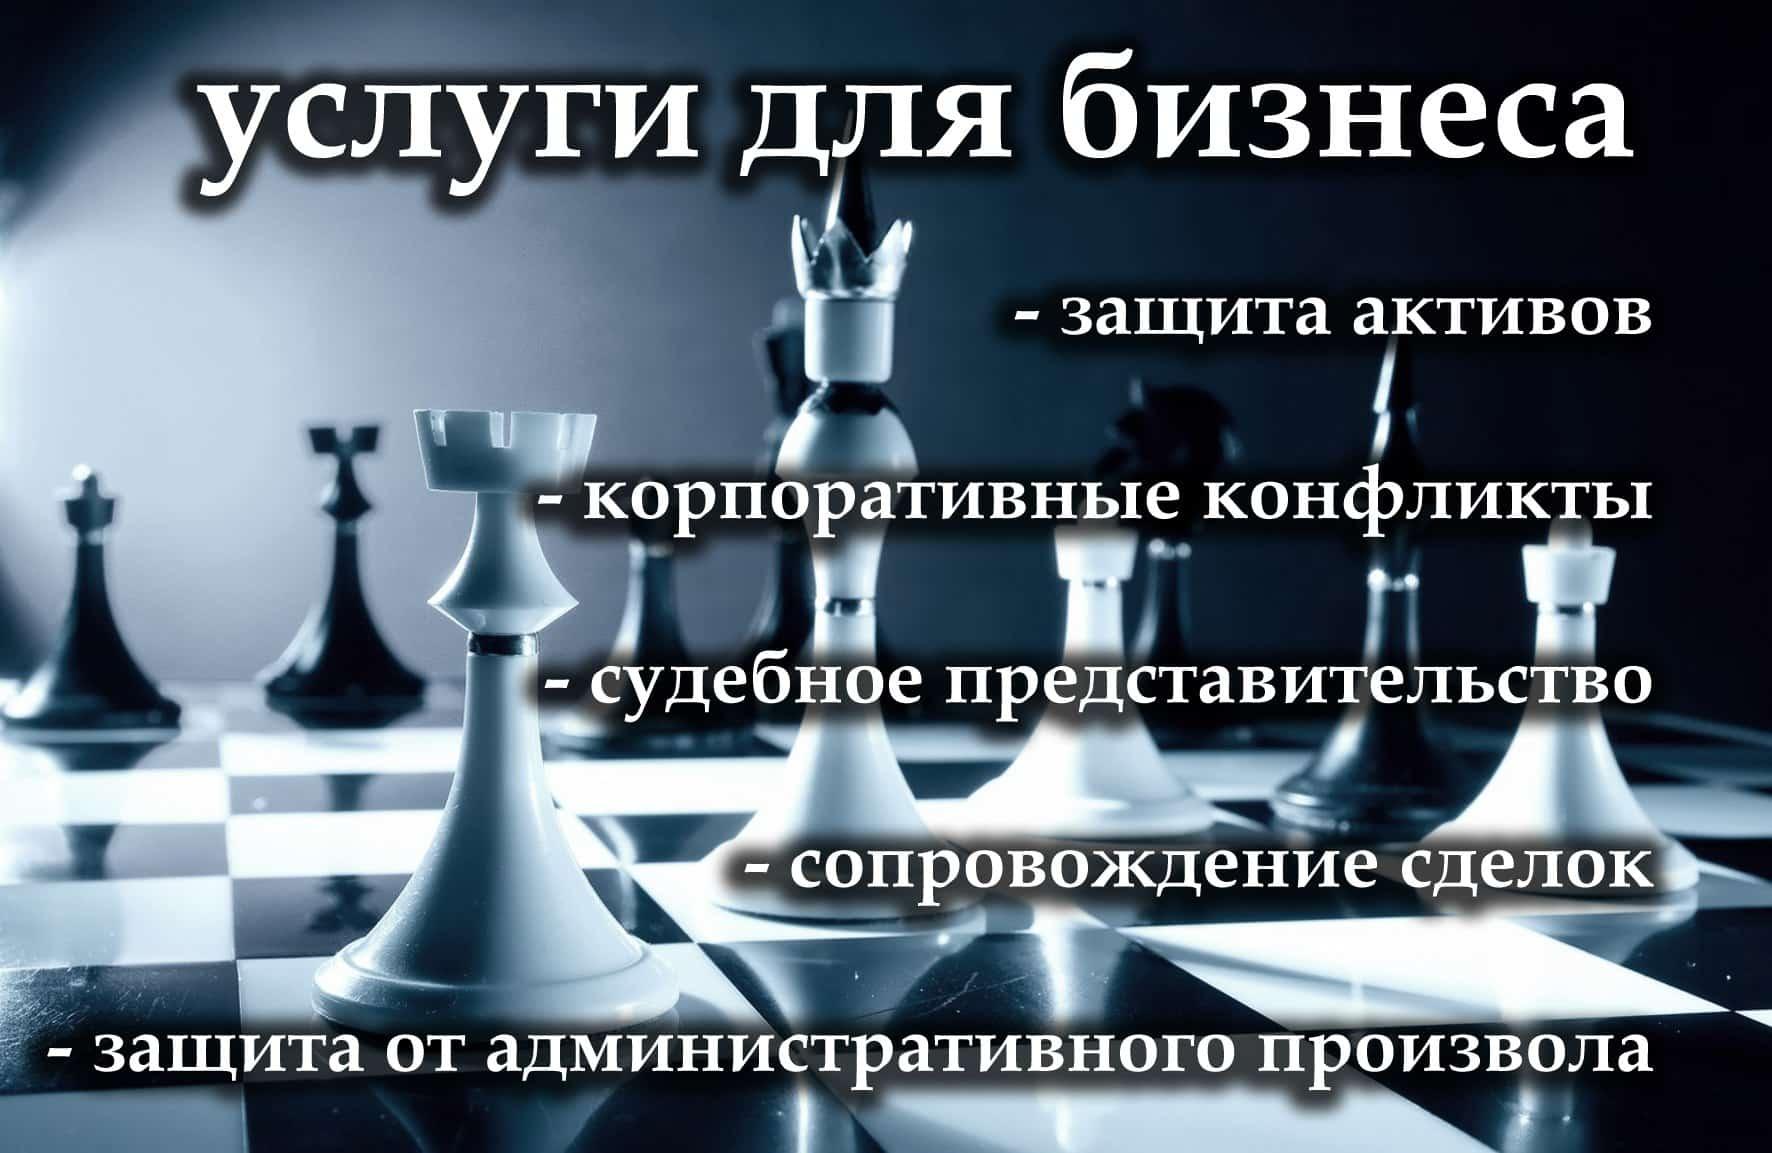 юридическое сопровождение бизнеса - анвальт